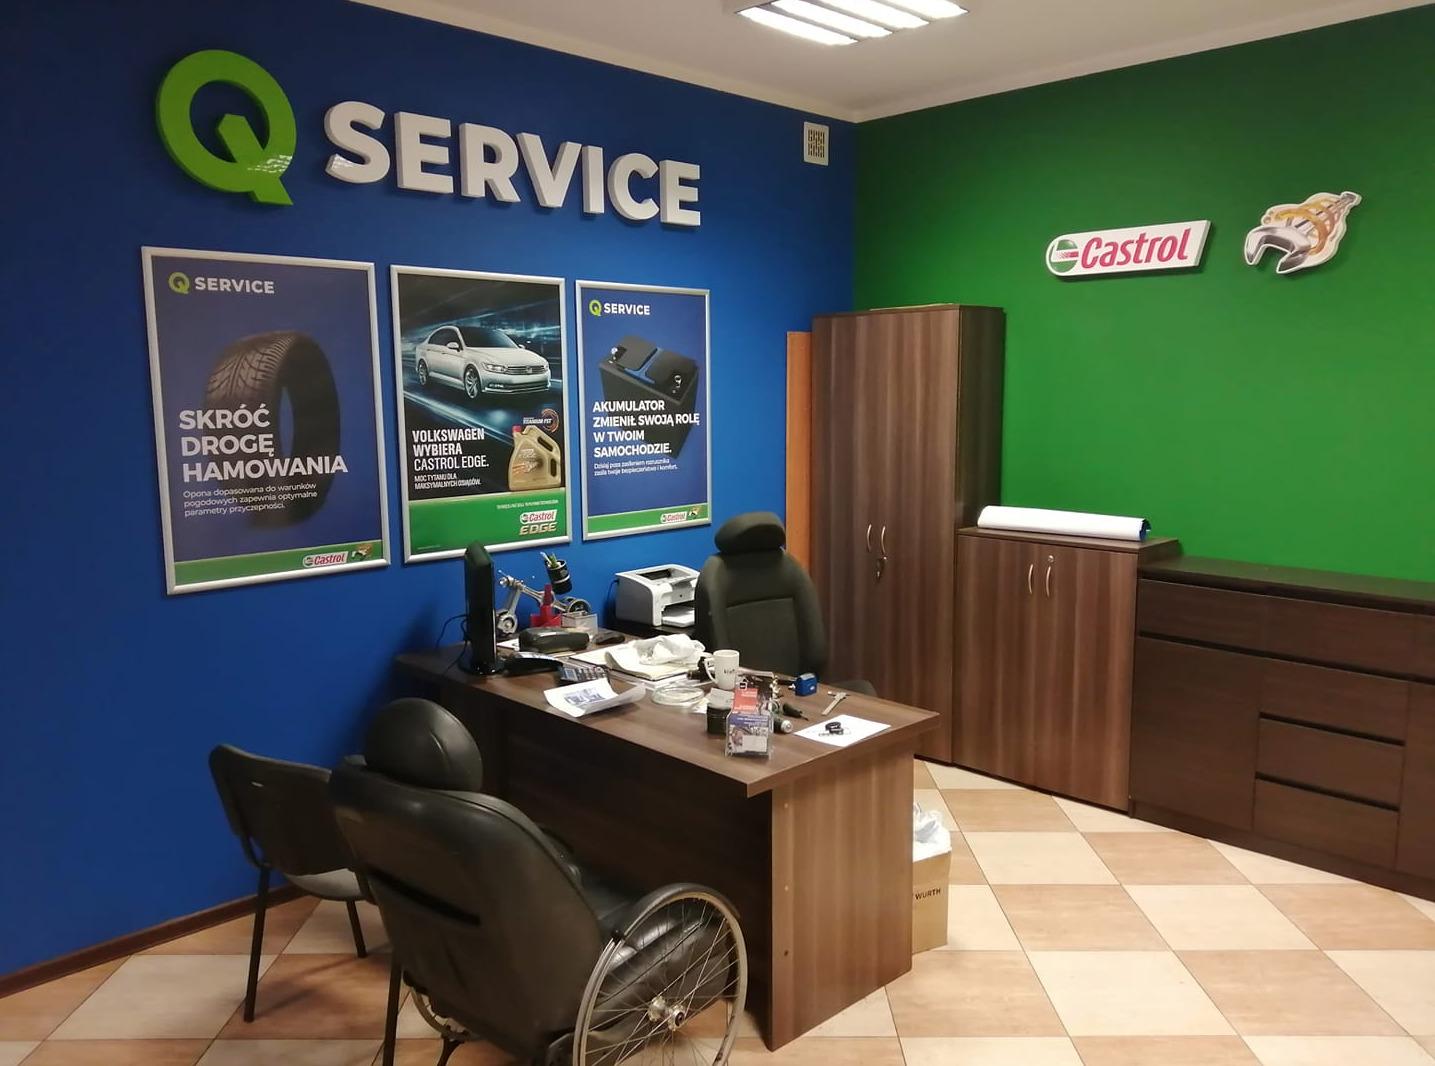 Q SERVICE CASTROL AUTO-ELEKTRO SERVICE MARCIN KRZEMIŃSKI photo-0